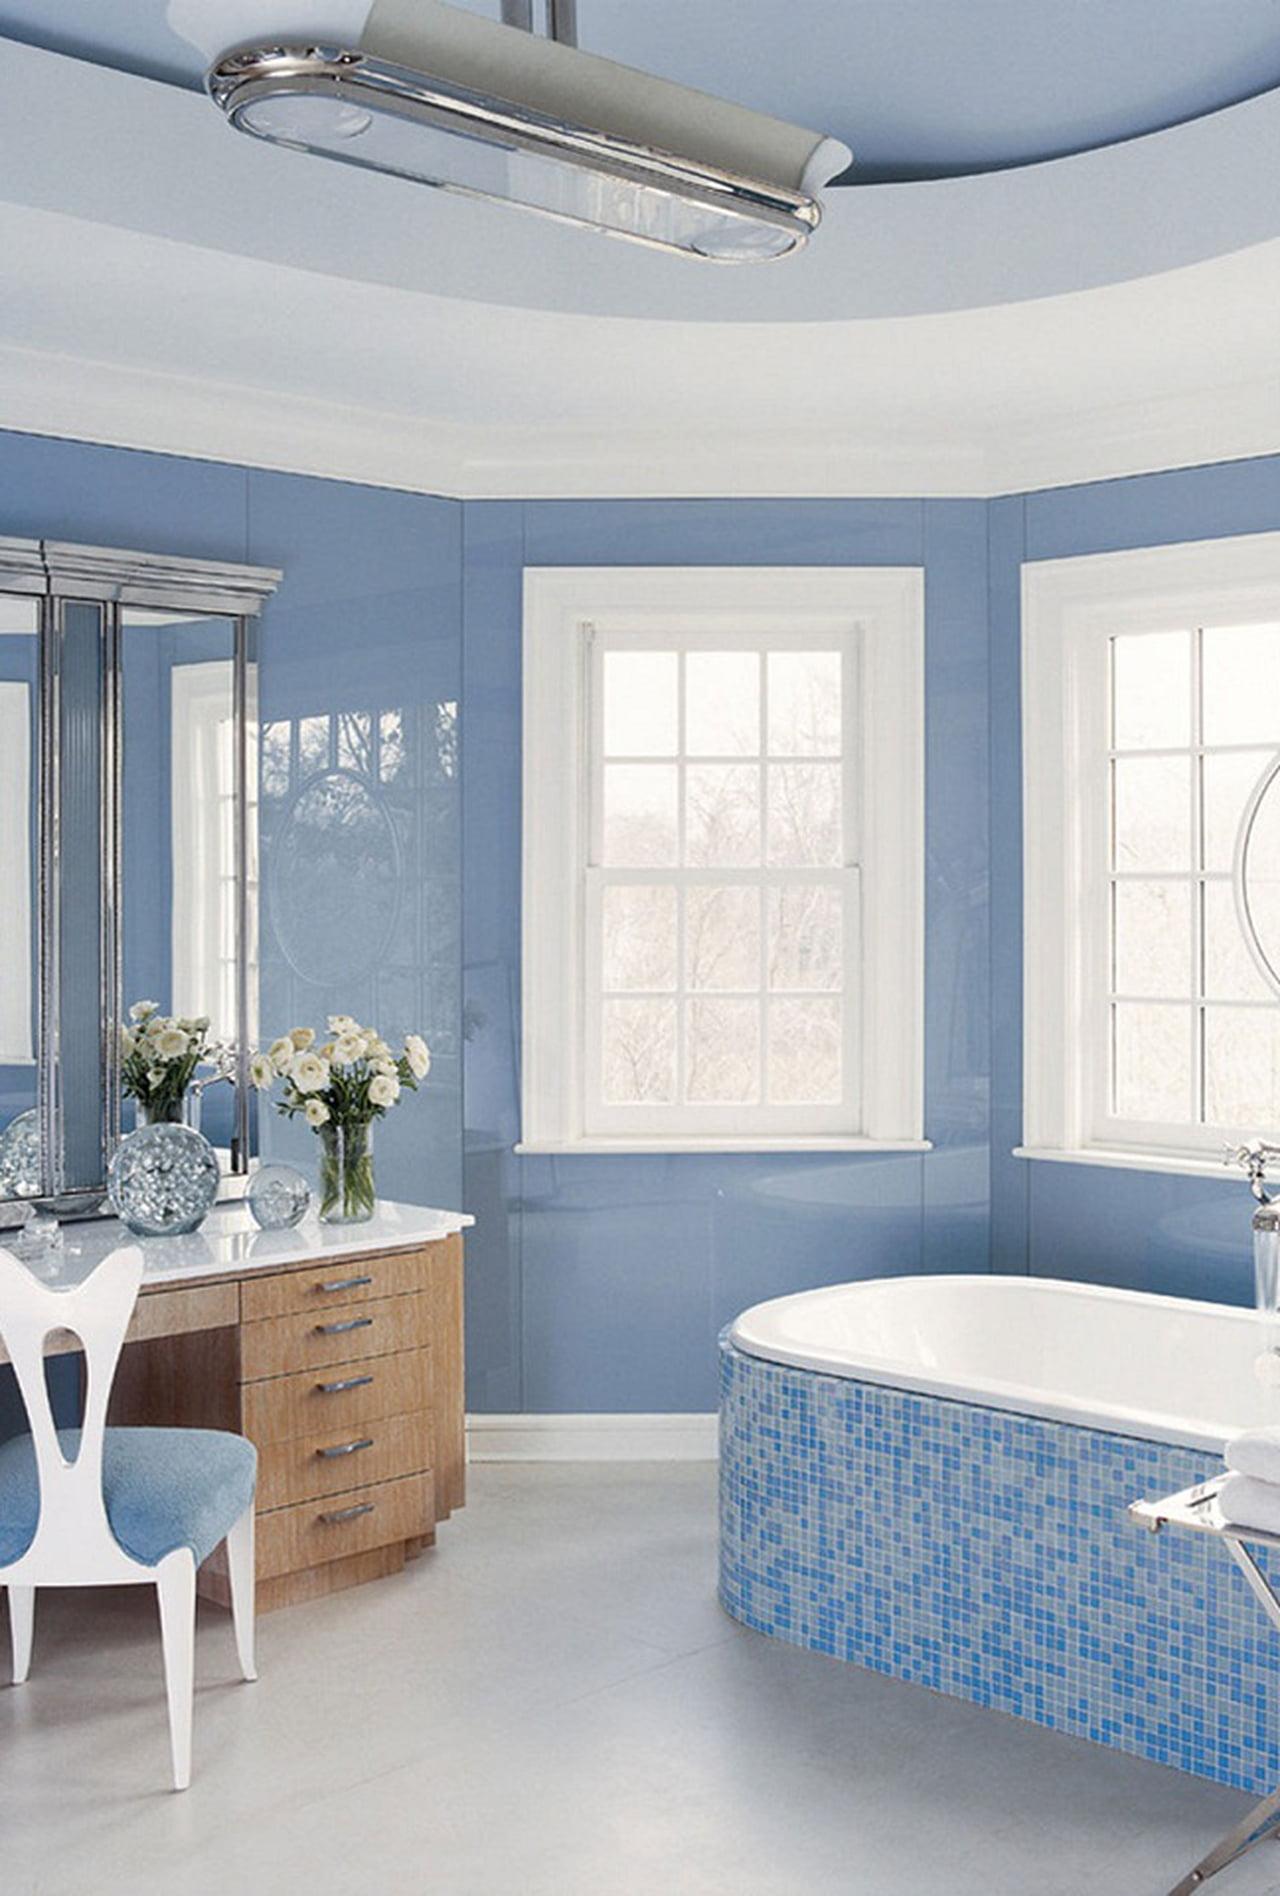 بالصور صور ديكور حمام , احدث ديكورات حمامات 6547 2